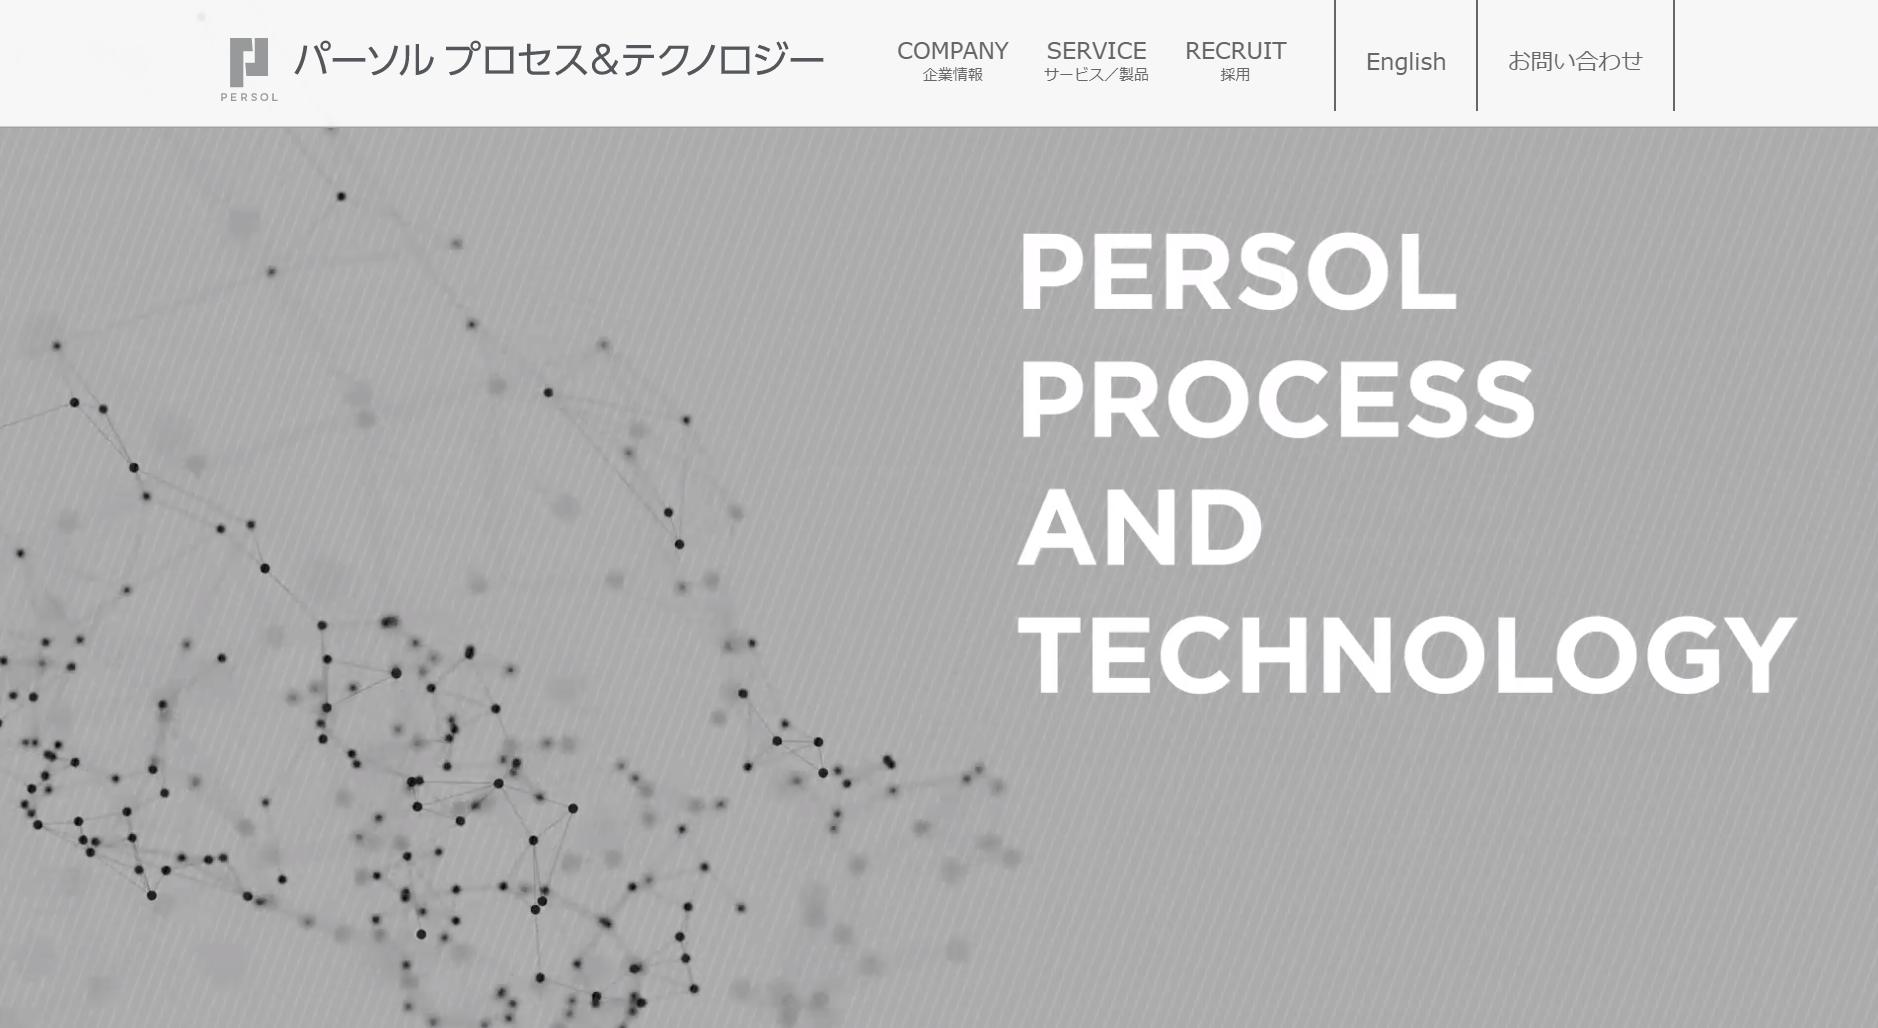 パーソル プロセス&テクノロジーの評判・口コミ